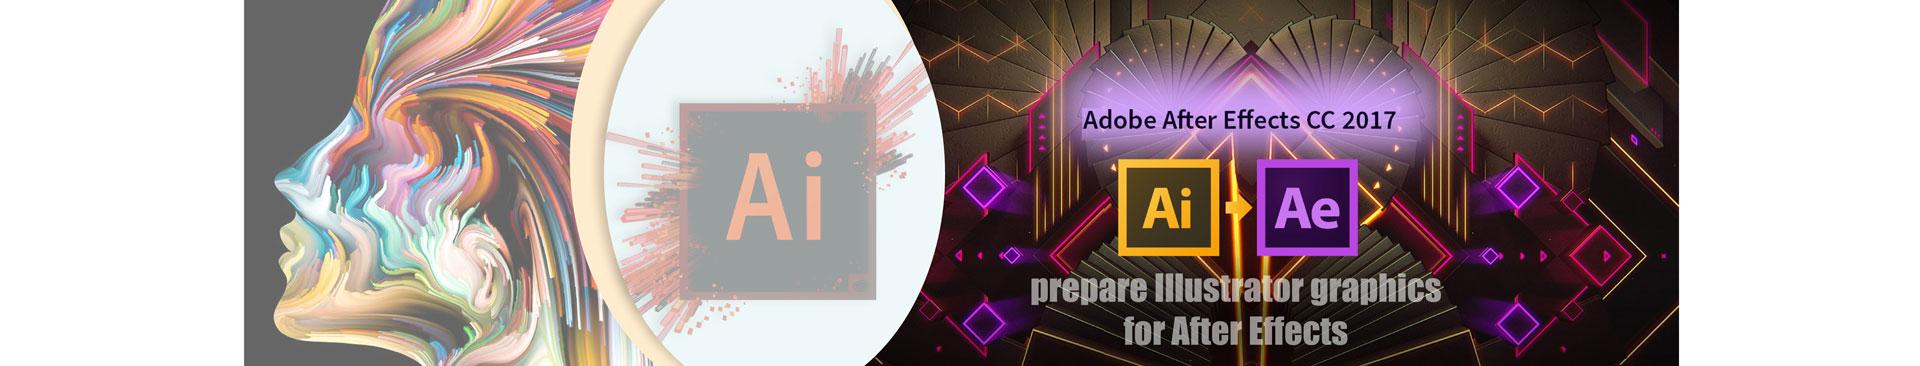 prepare Illustrator graphics for AfterEffects 2 - آماده سازی تصویر ساخته شده در ایلاستریتور برای افترافکت